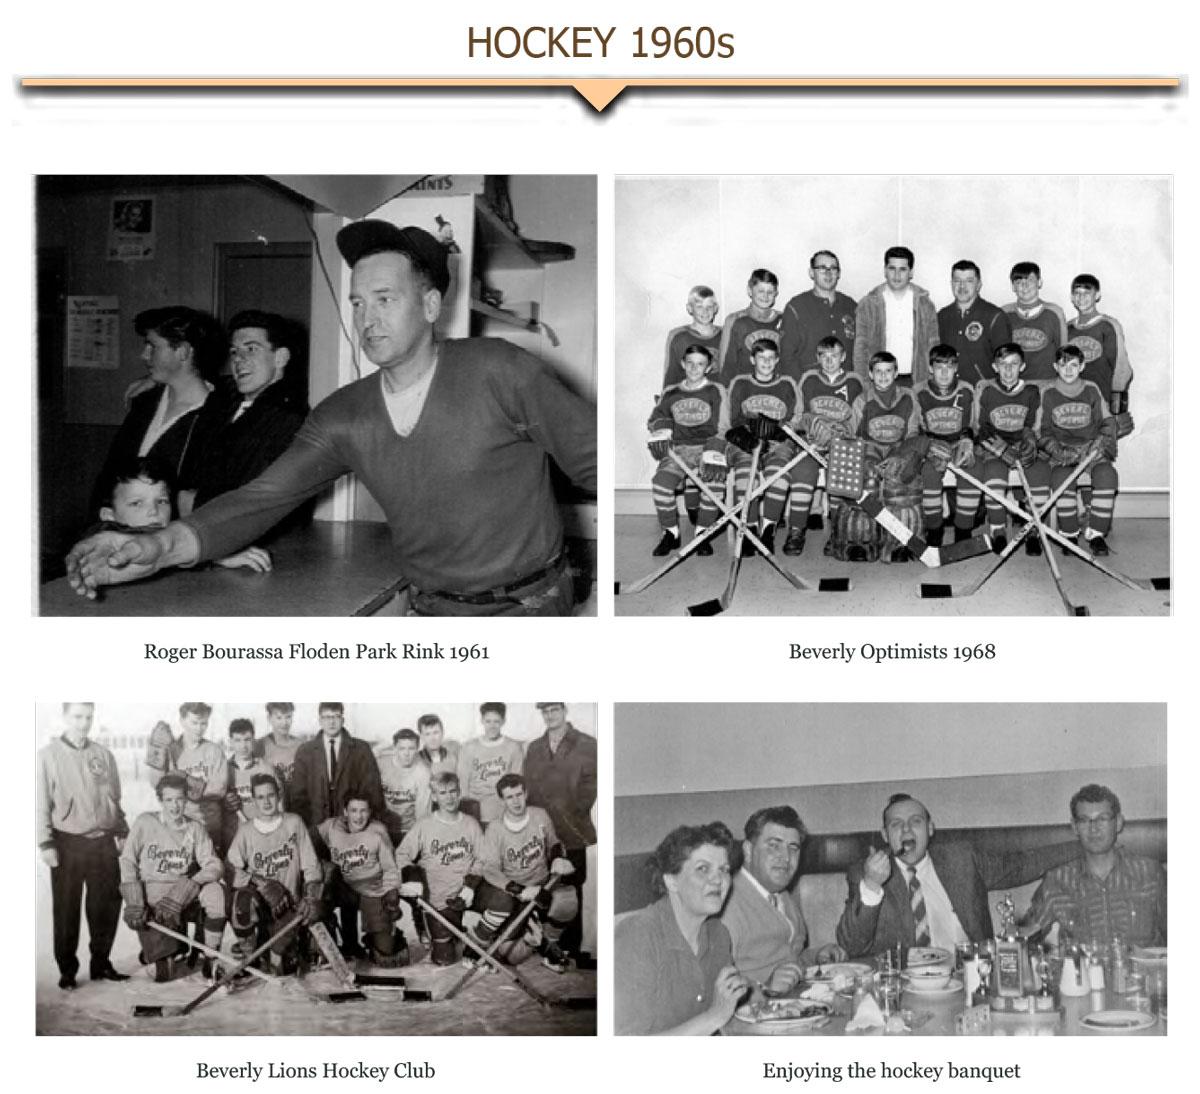 Hockey - 1960s